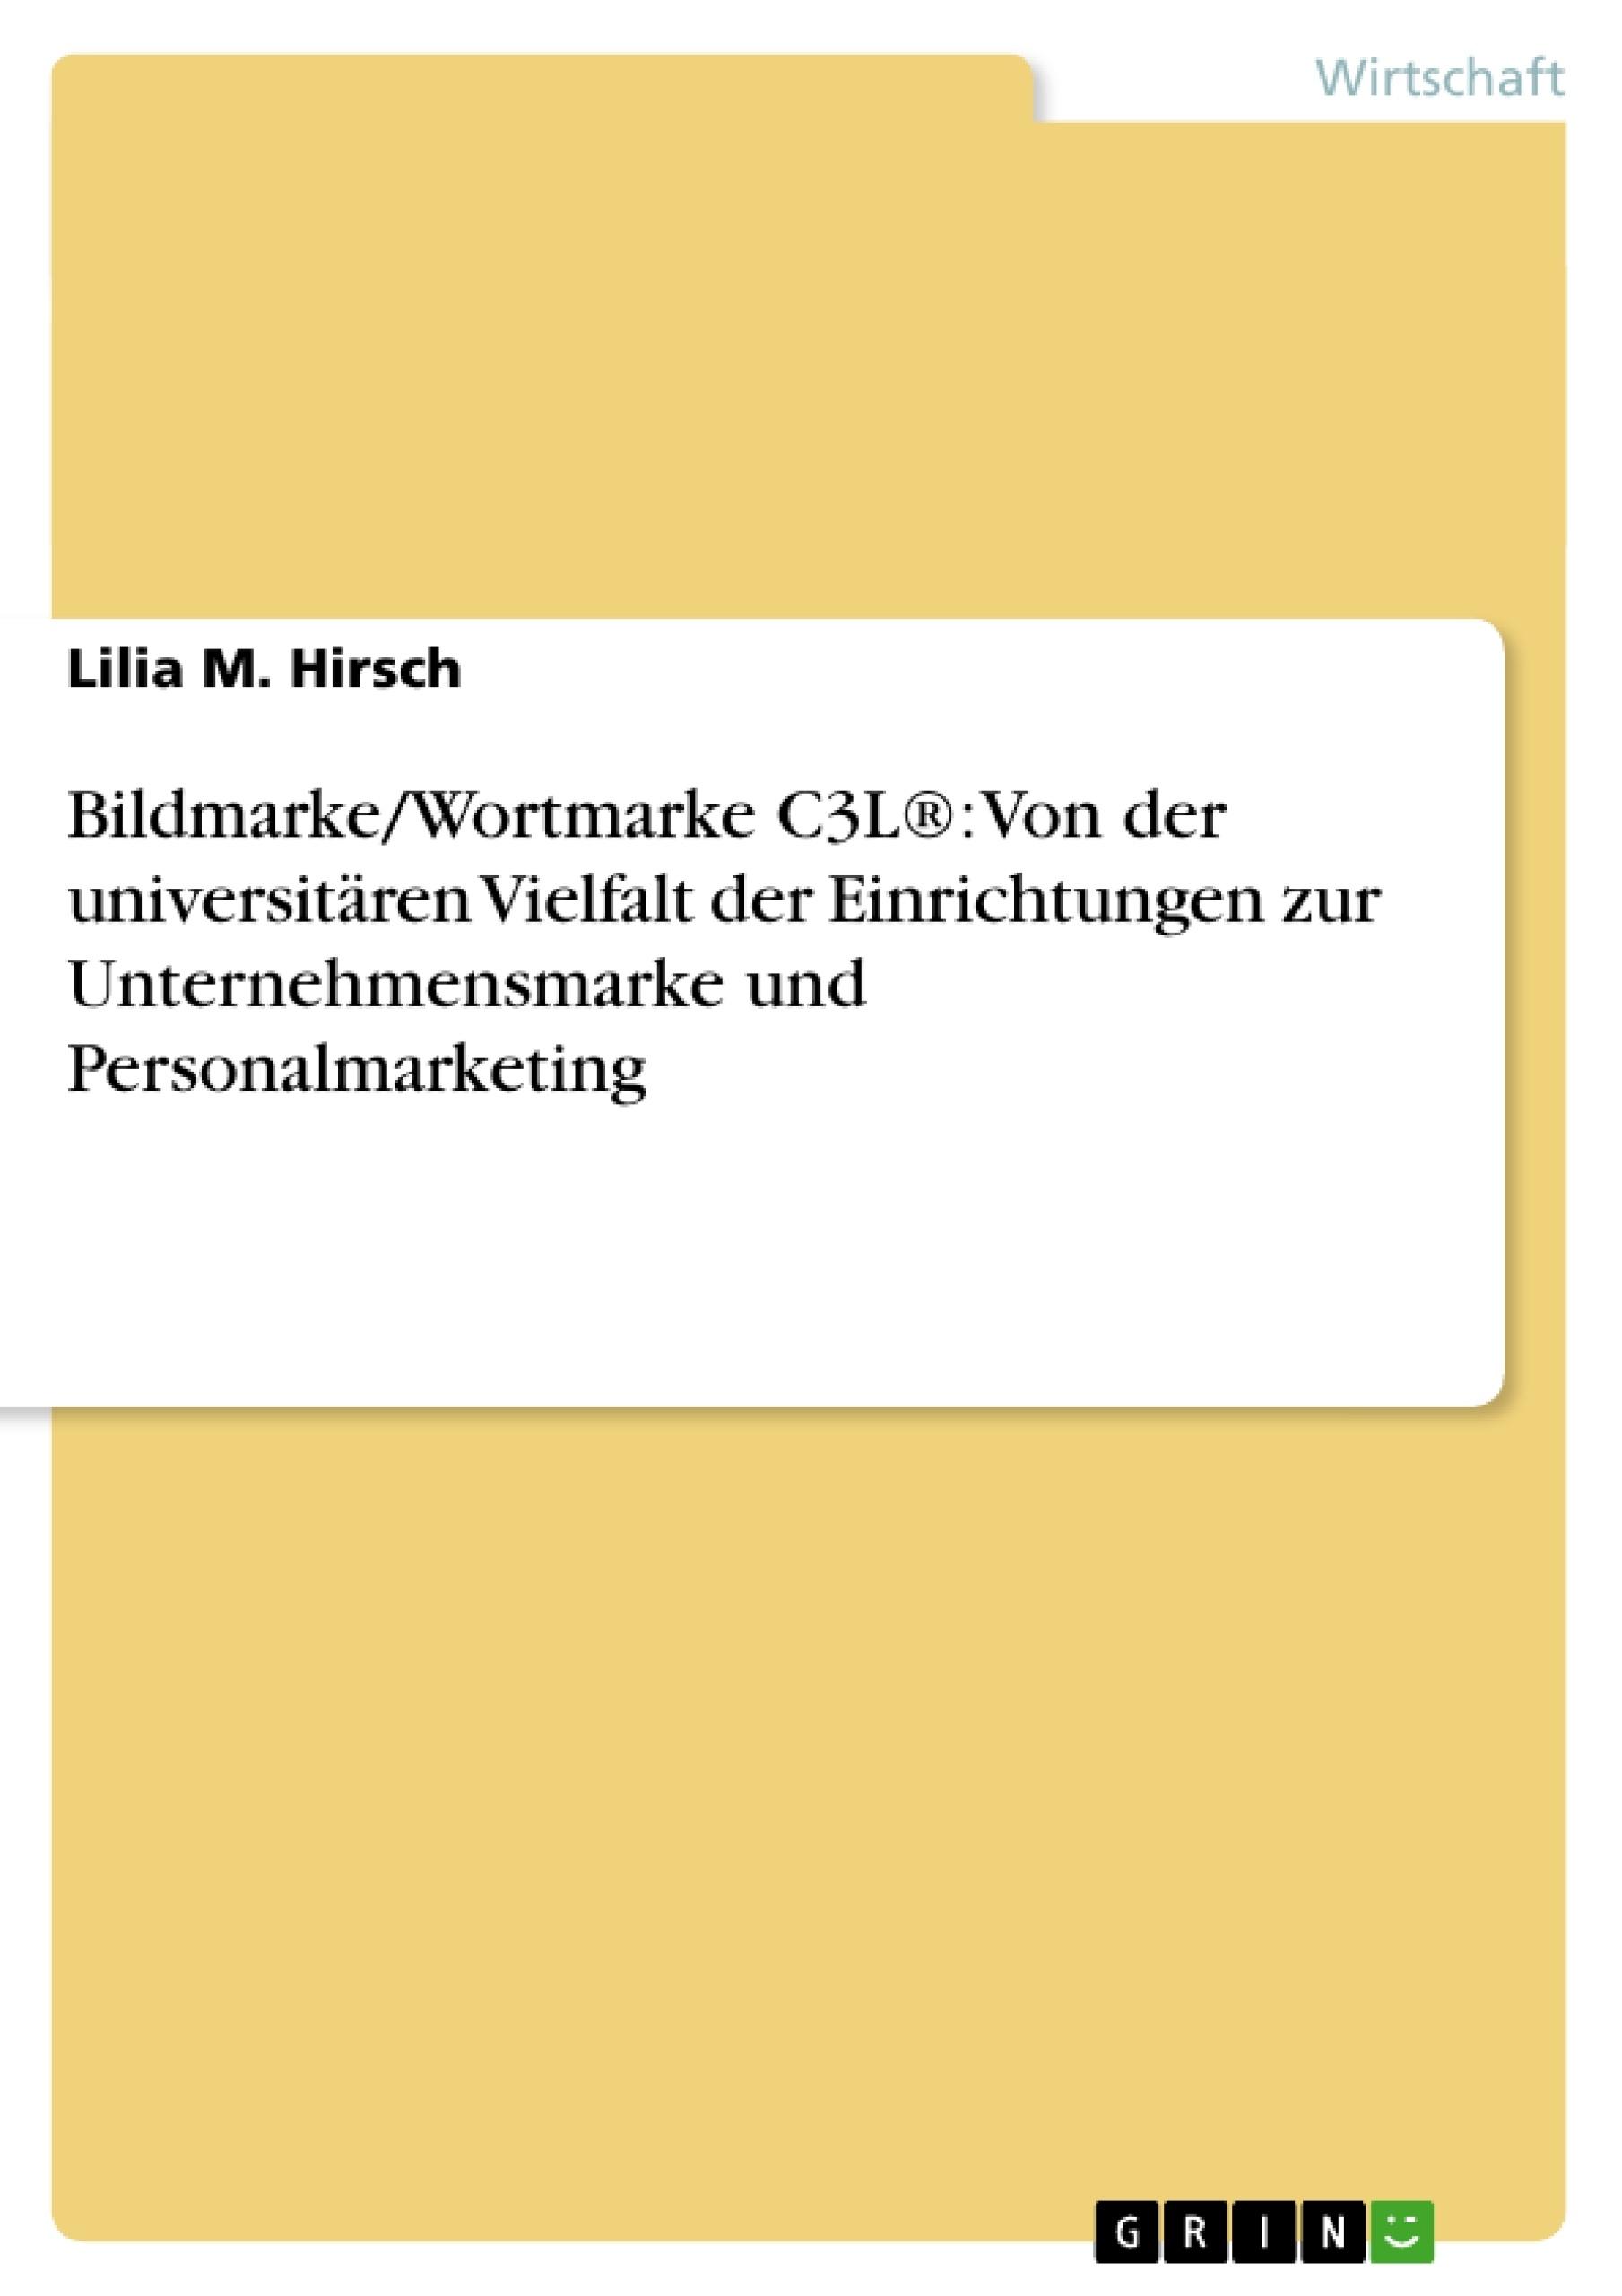 Titel: Bildmarke/Wortmarke C3L®: Von der universitären Vielfalt der Einrichtungen zur Unternehmensmarke und Personalmarketing